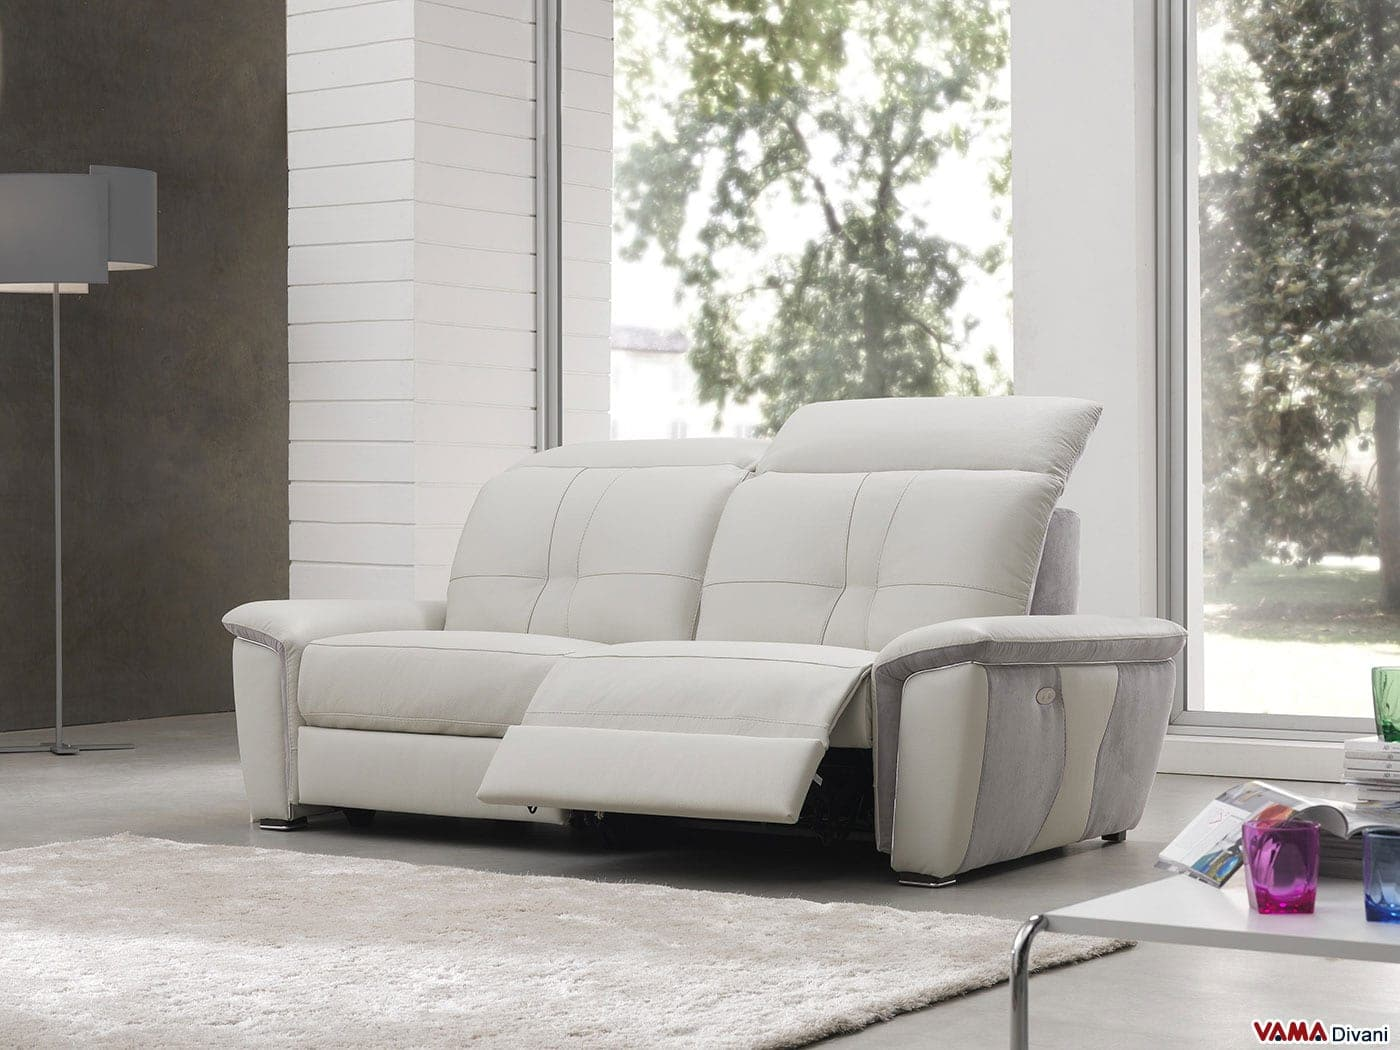 Divano con relax elettrico rivestito in pelle e microfibra - Microfibra divano ...